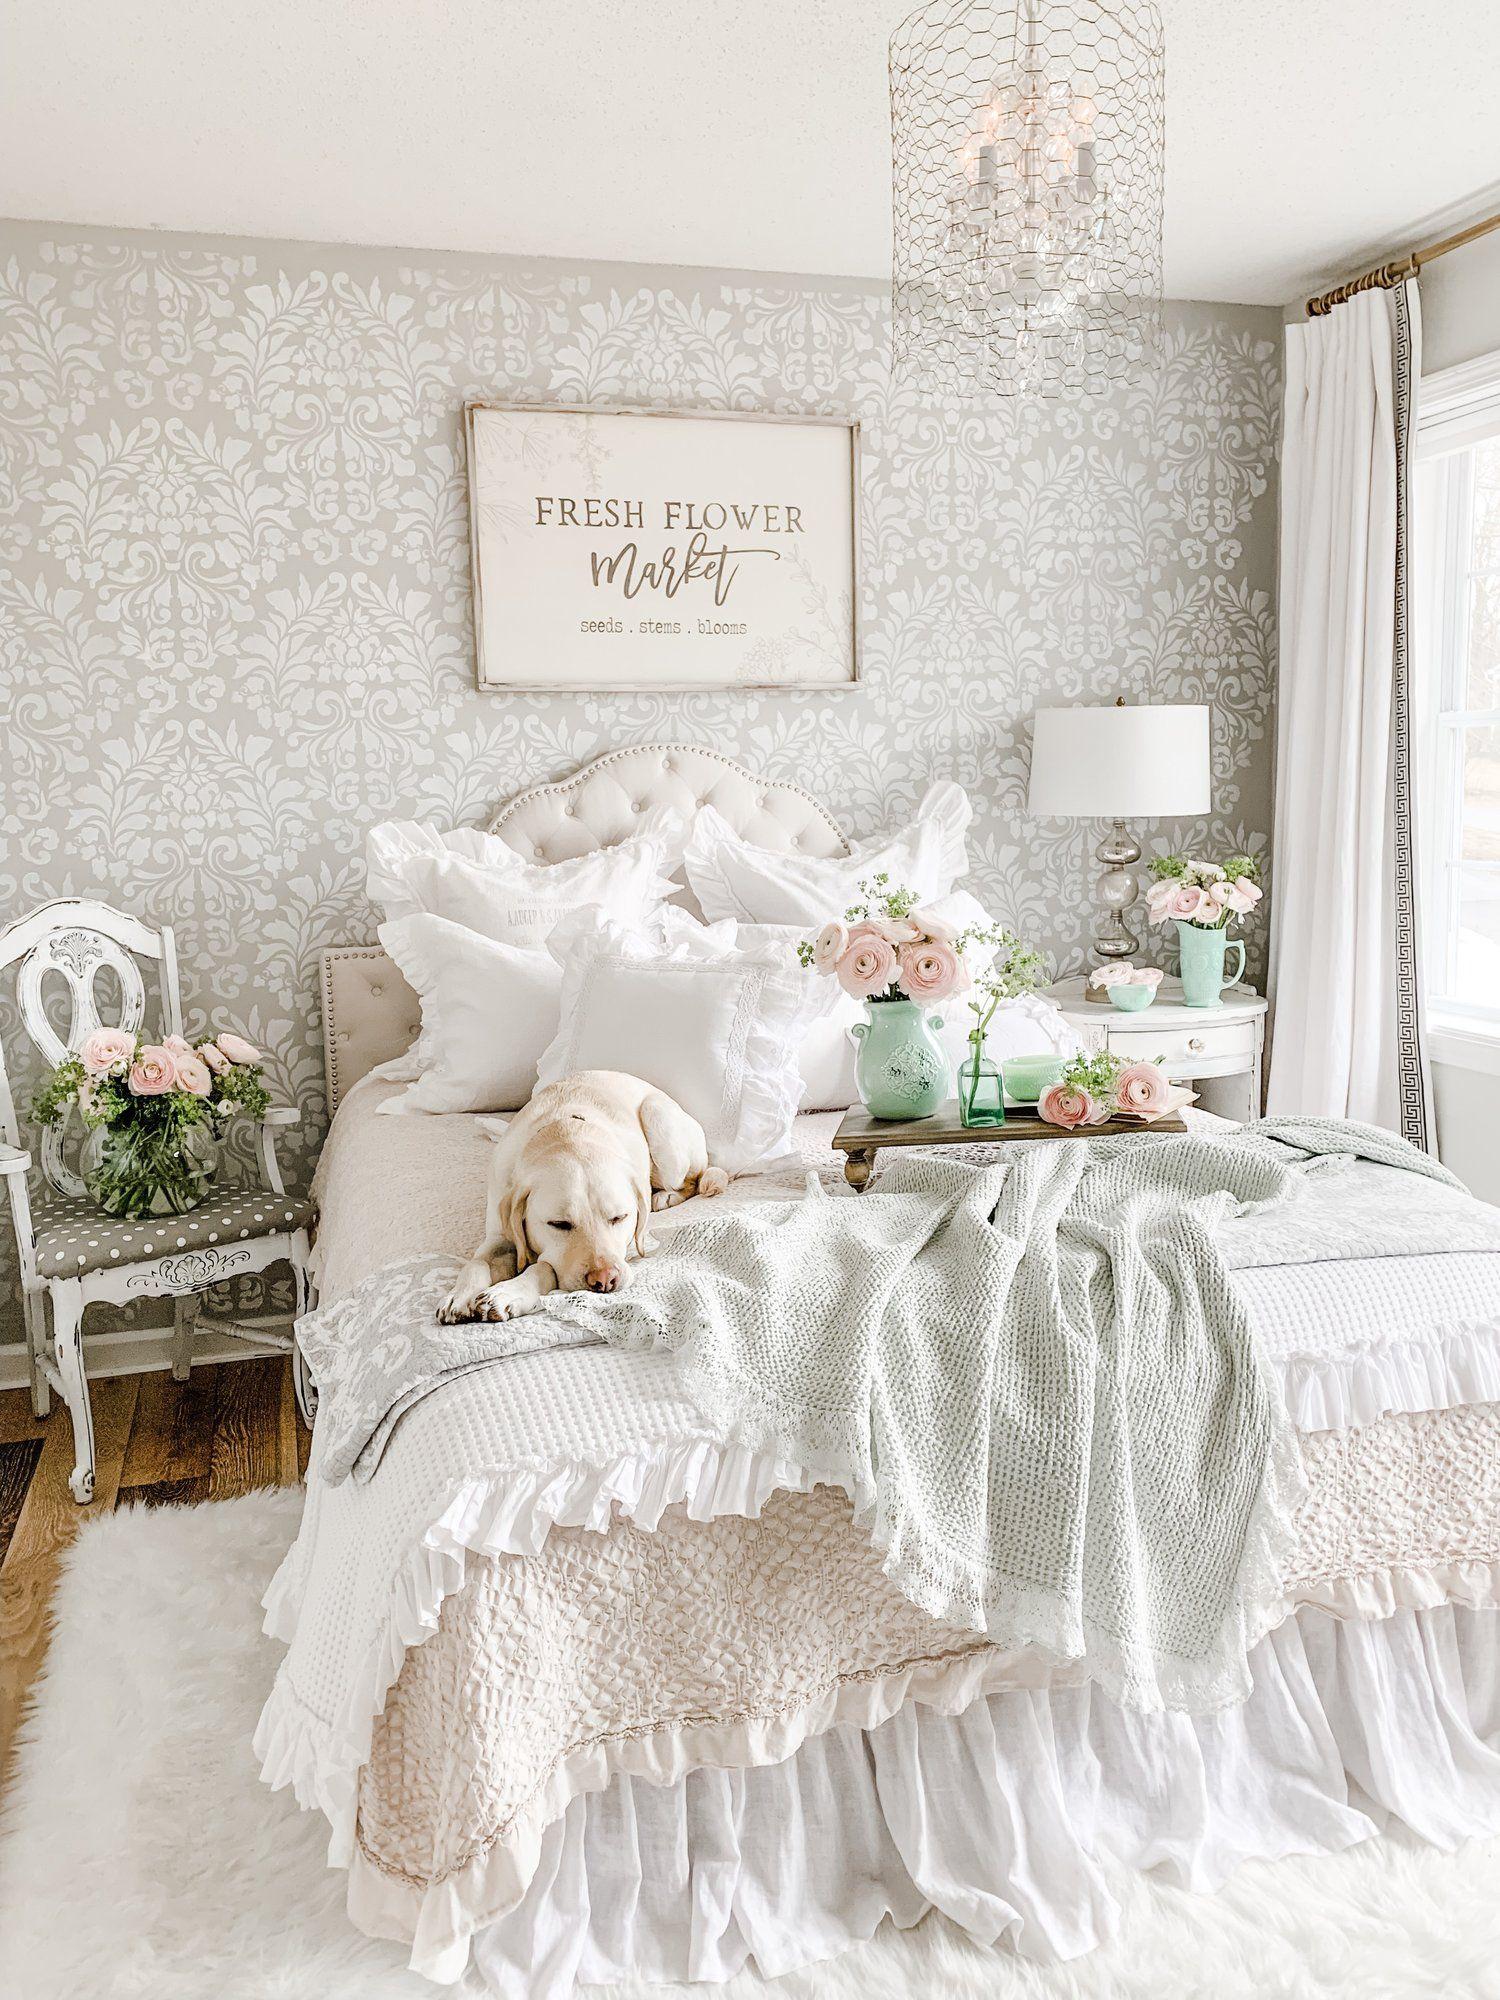 15 ý tưởng màu sắc phòng ngủ theo phong cách cổ điển ngọt ngào - Ảnh 11.